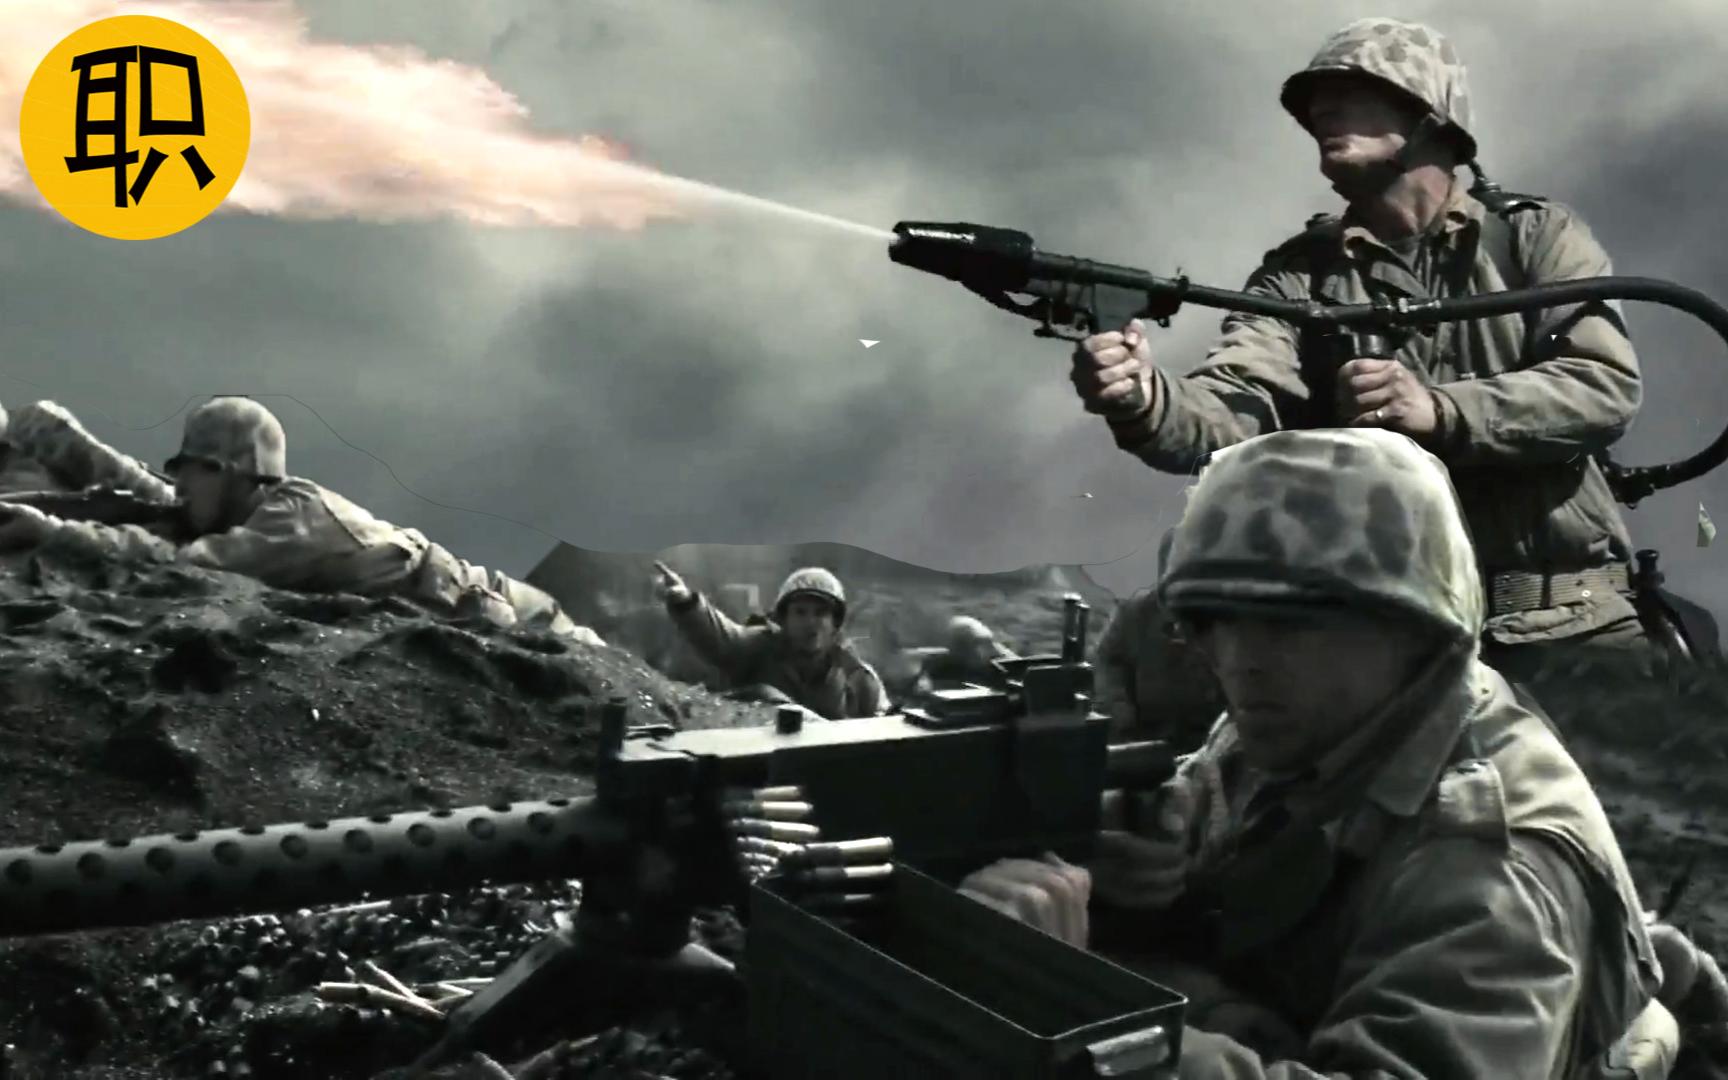 硫磺岛日军有多恐怖?3.1万人自杀也不投降,11万美军直接杀红眼